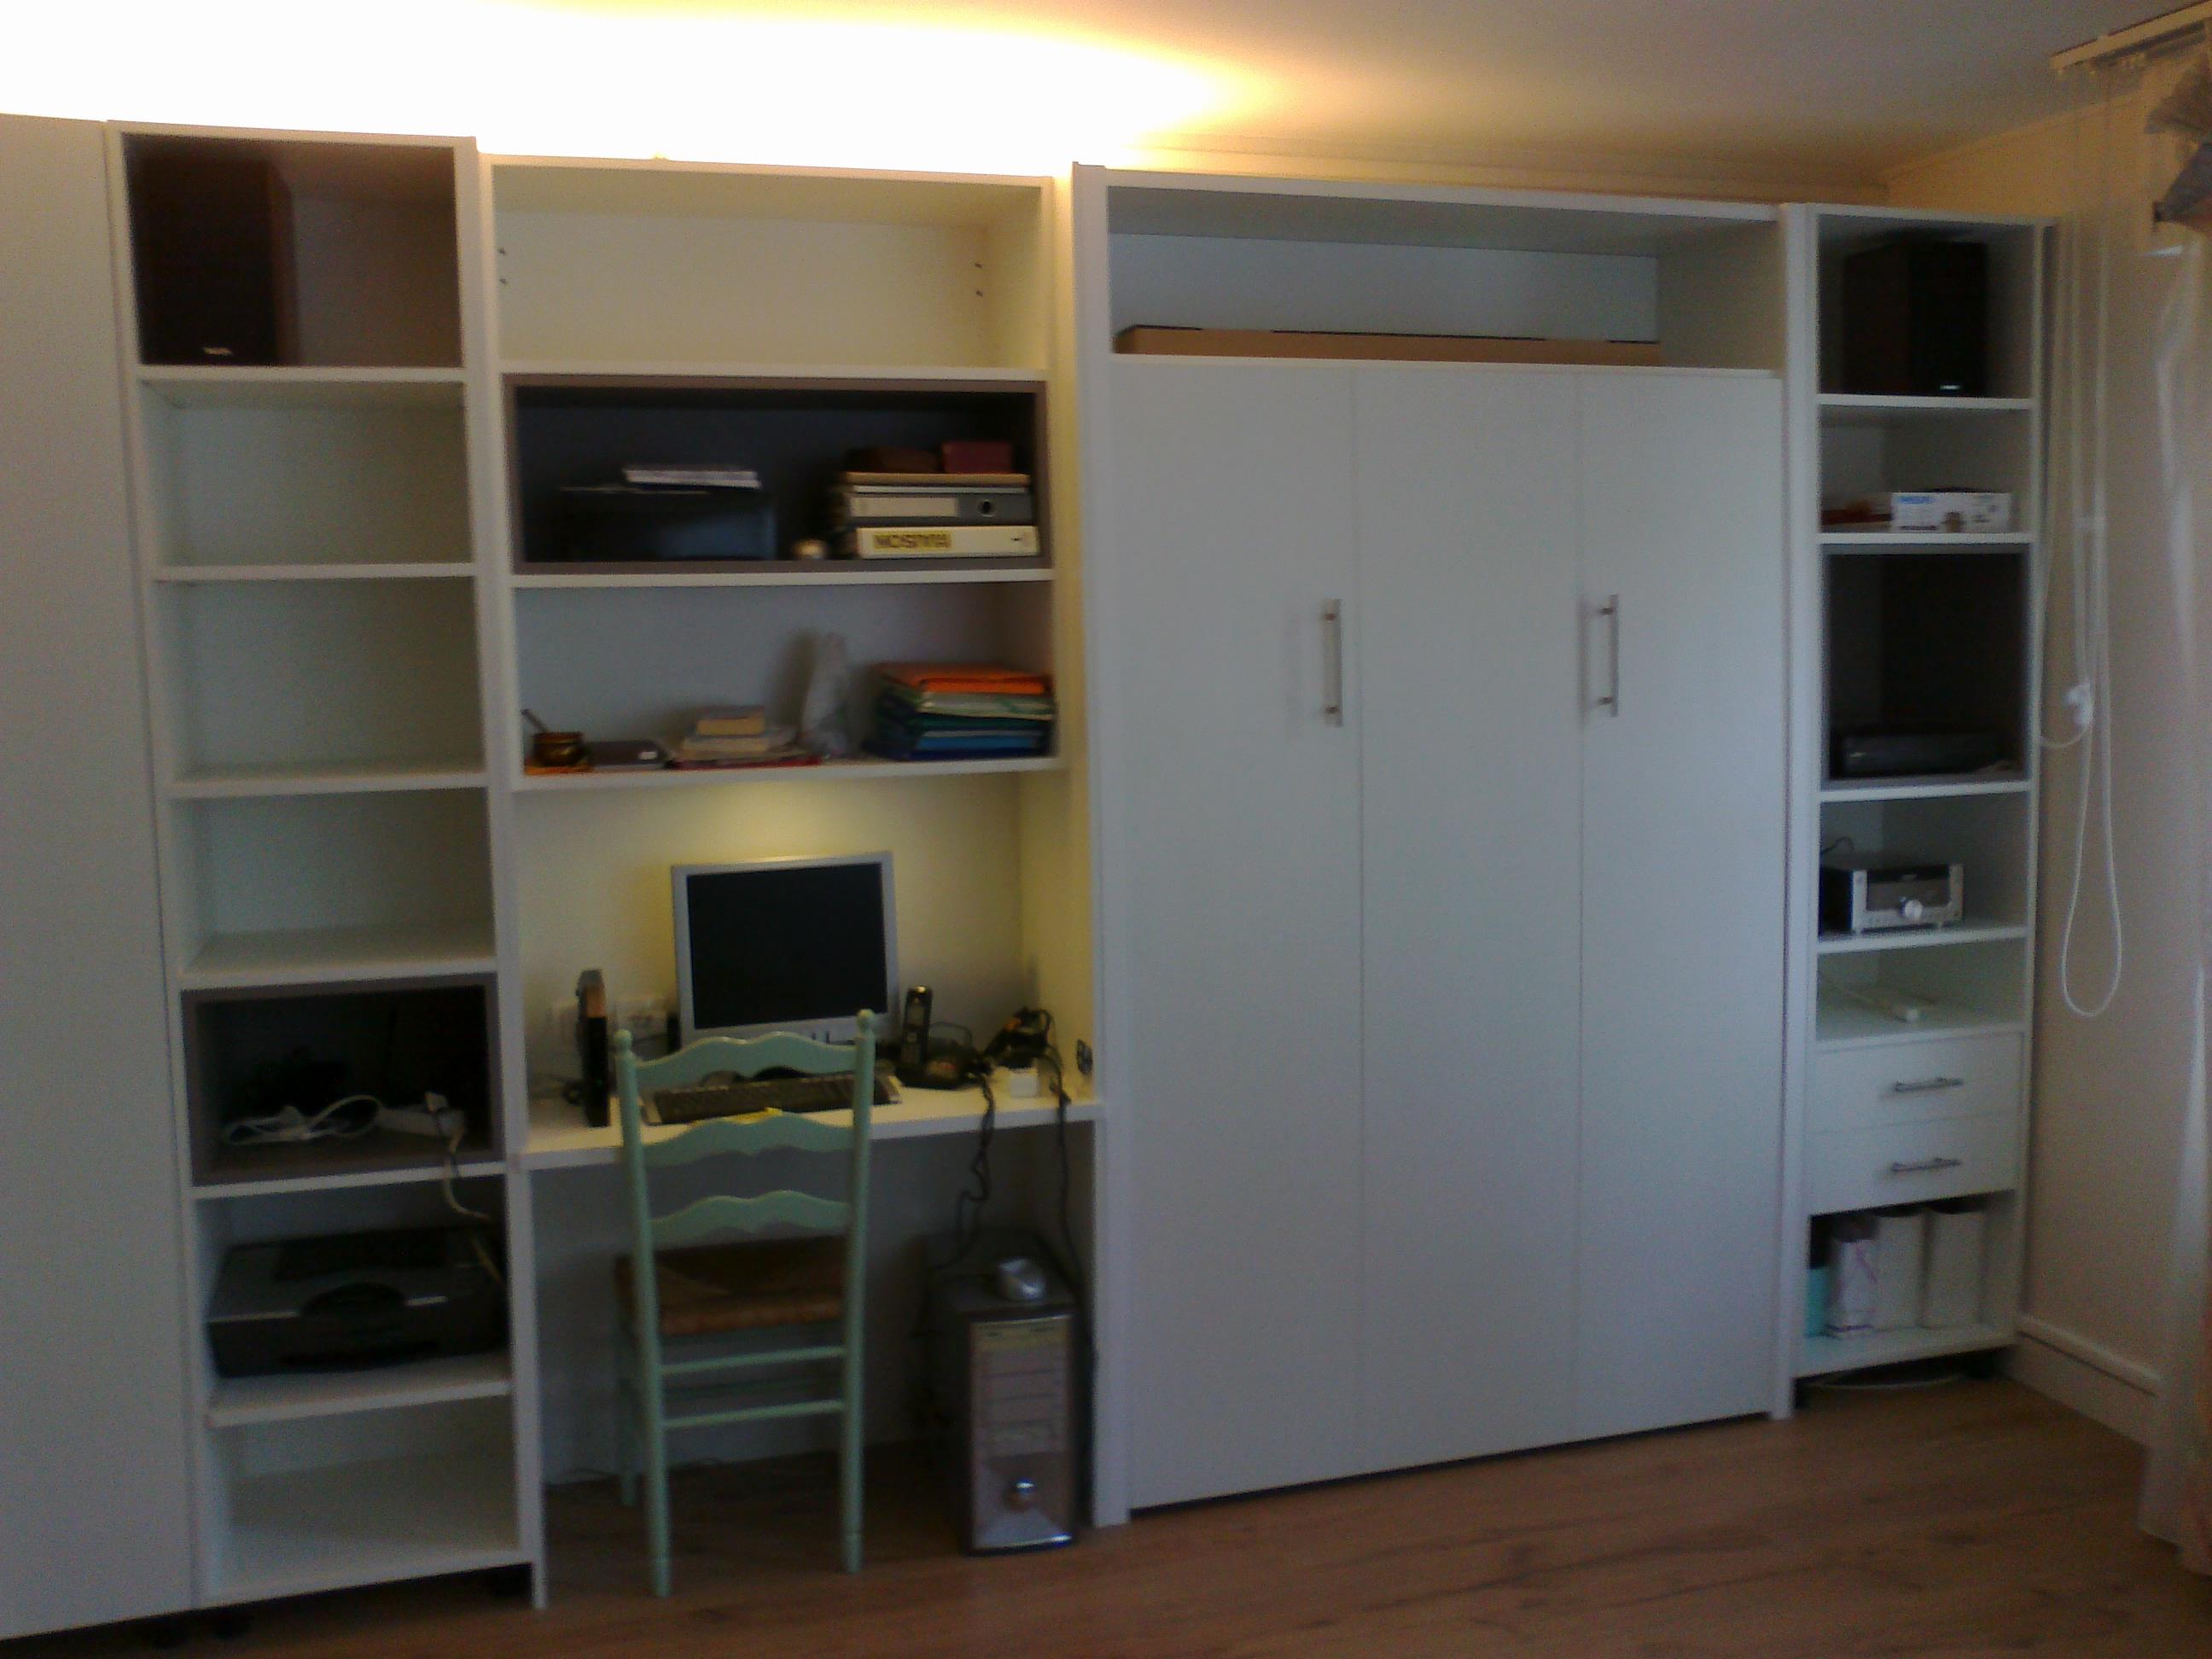 lit escamotable lectrique kiosque am nagement. Black Bedroom Furniture Sets. Home Design Ideas